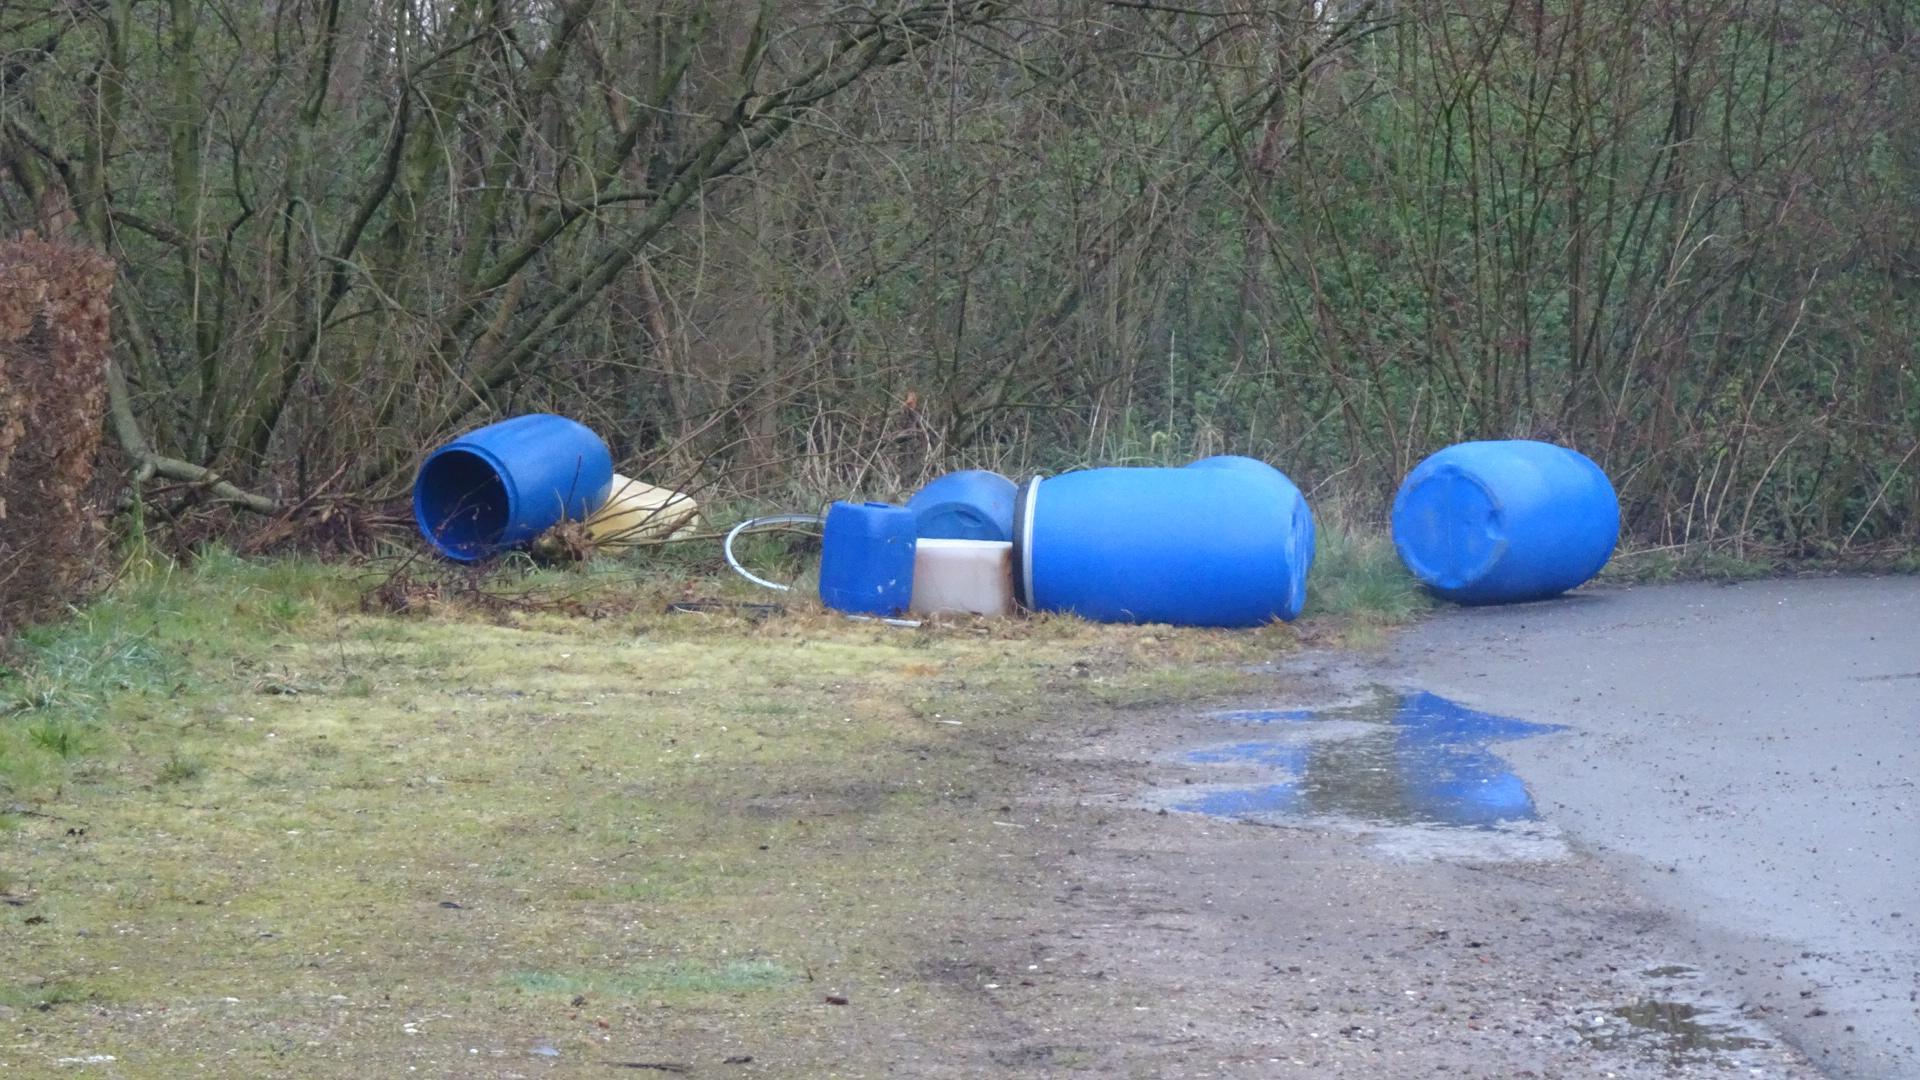 Vaten met onbekende inhoud gedumpt bij zwembad in Nieuwe Niedorp